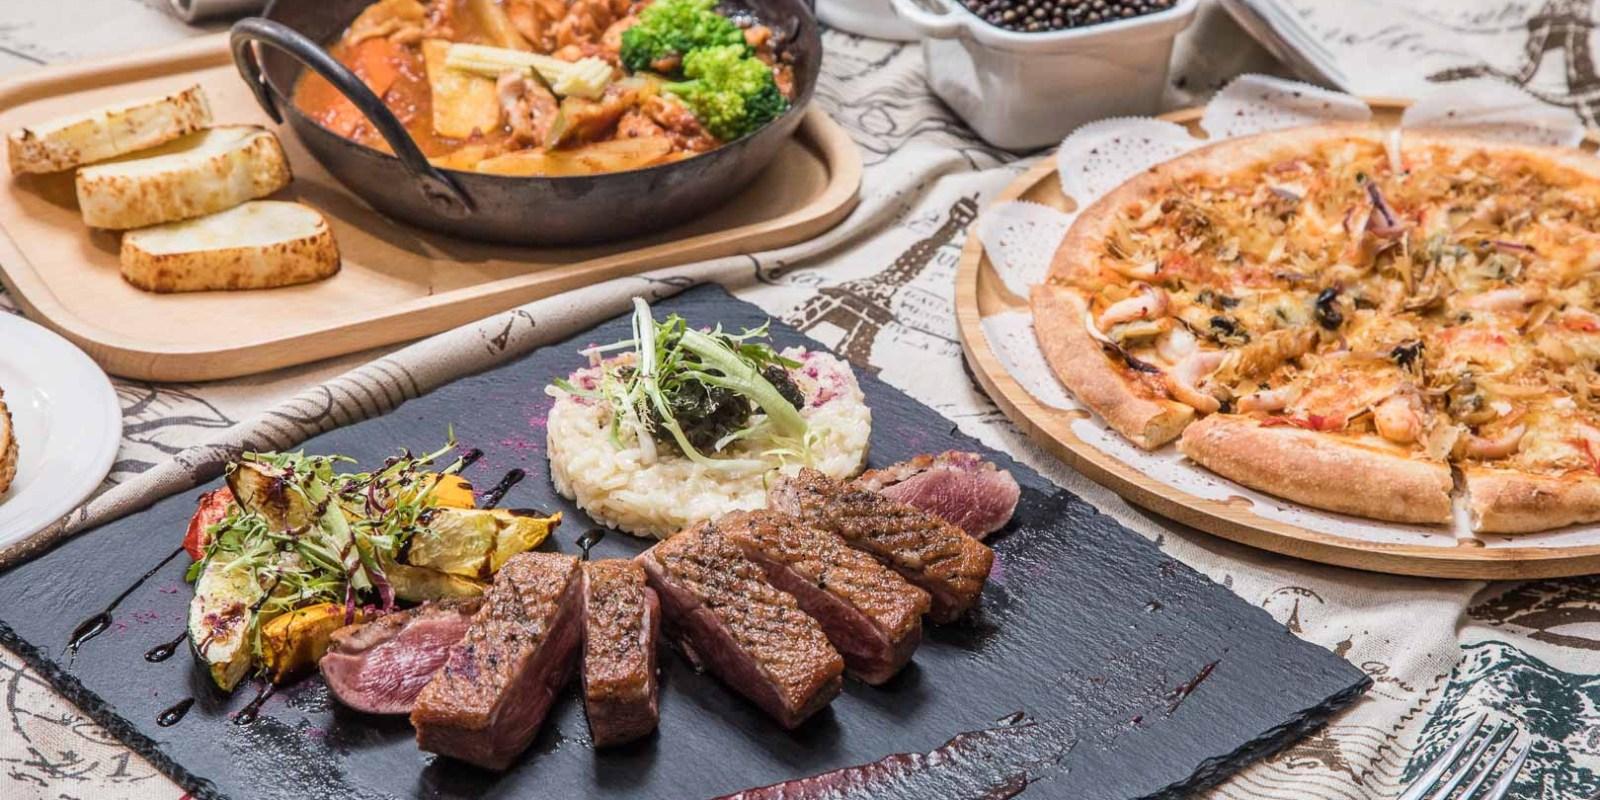 [新北永和]母親節餐廳推薦,用台灣食材做出世界級的驕傲!藍柚小廚 D.S Kitchen